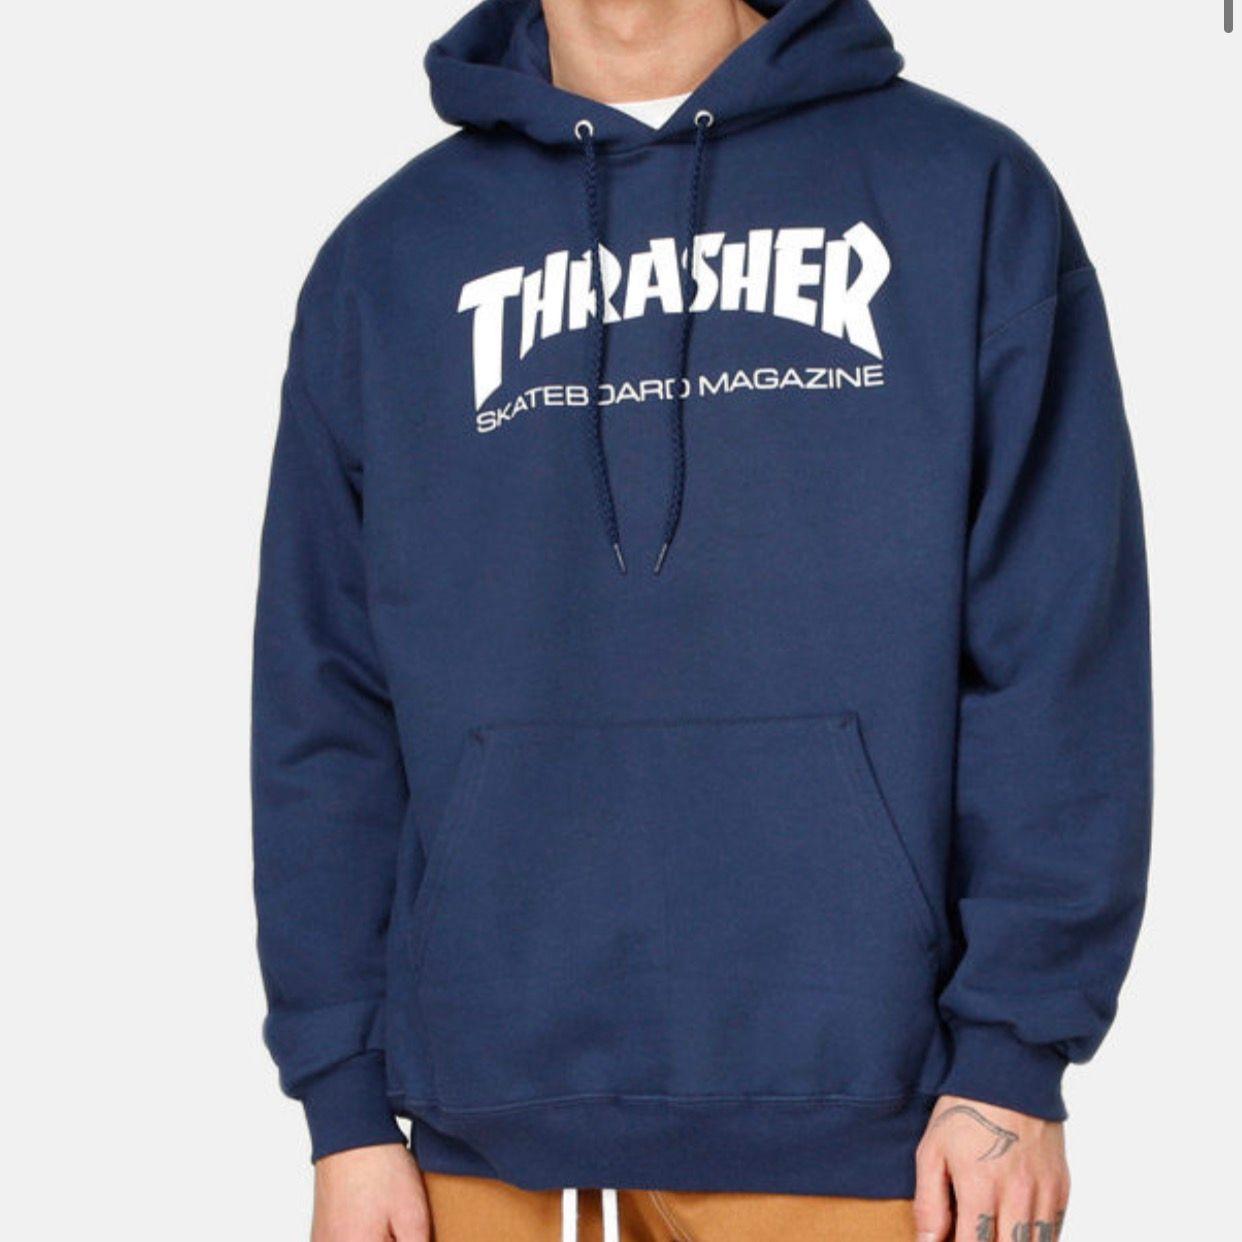 Superfin trasher hoodie, sparsamt använd, storlek s, köpt för 999, frakt ingår i priset. Tröjor & Koftor.